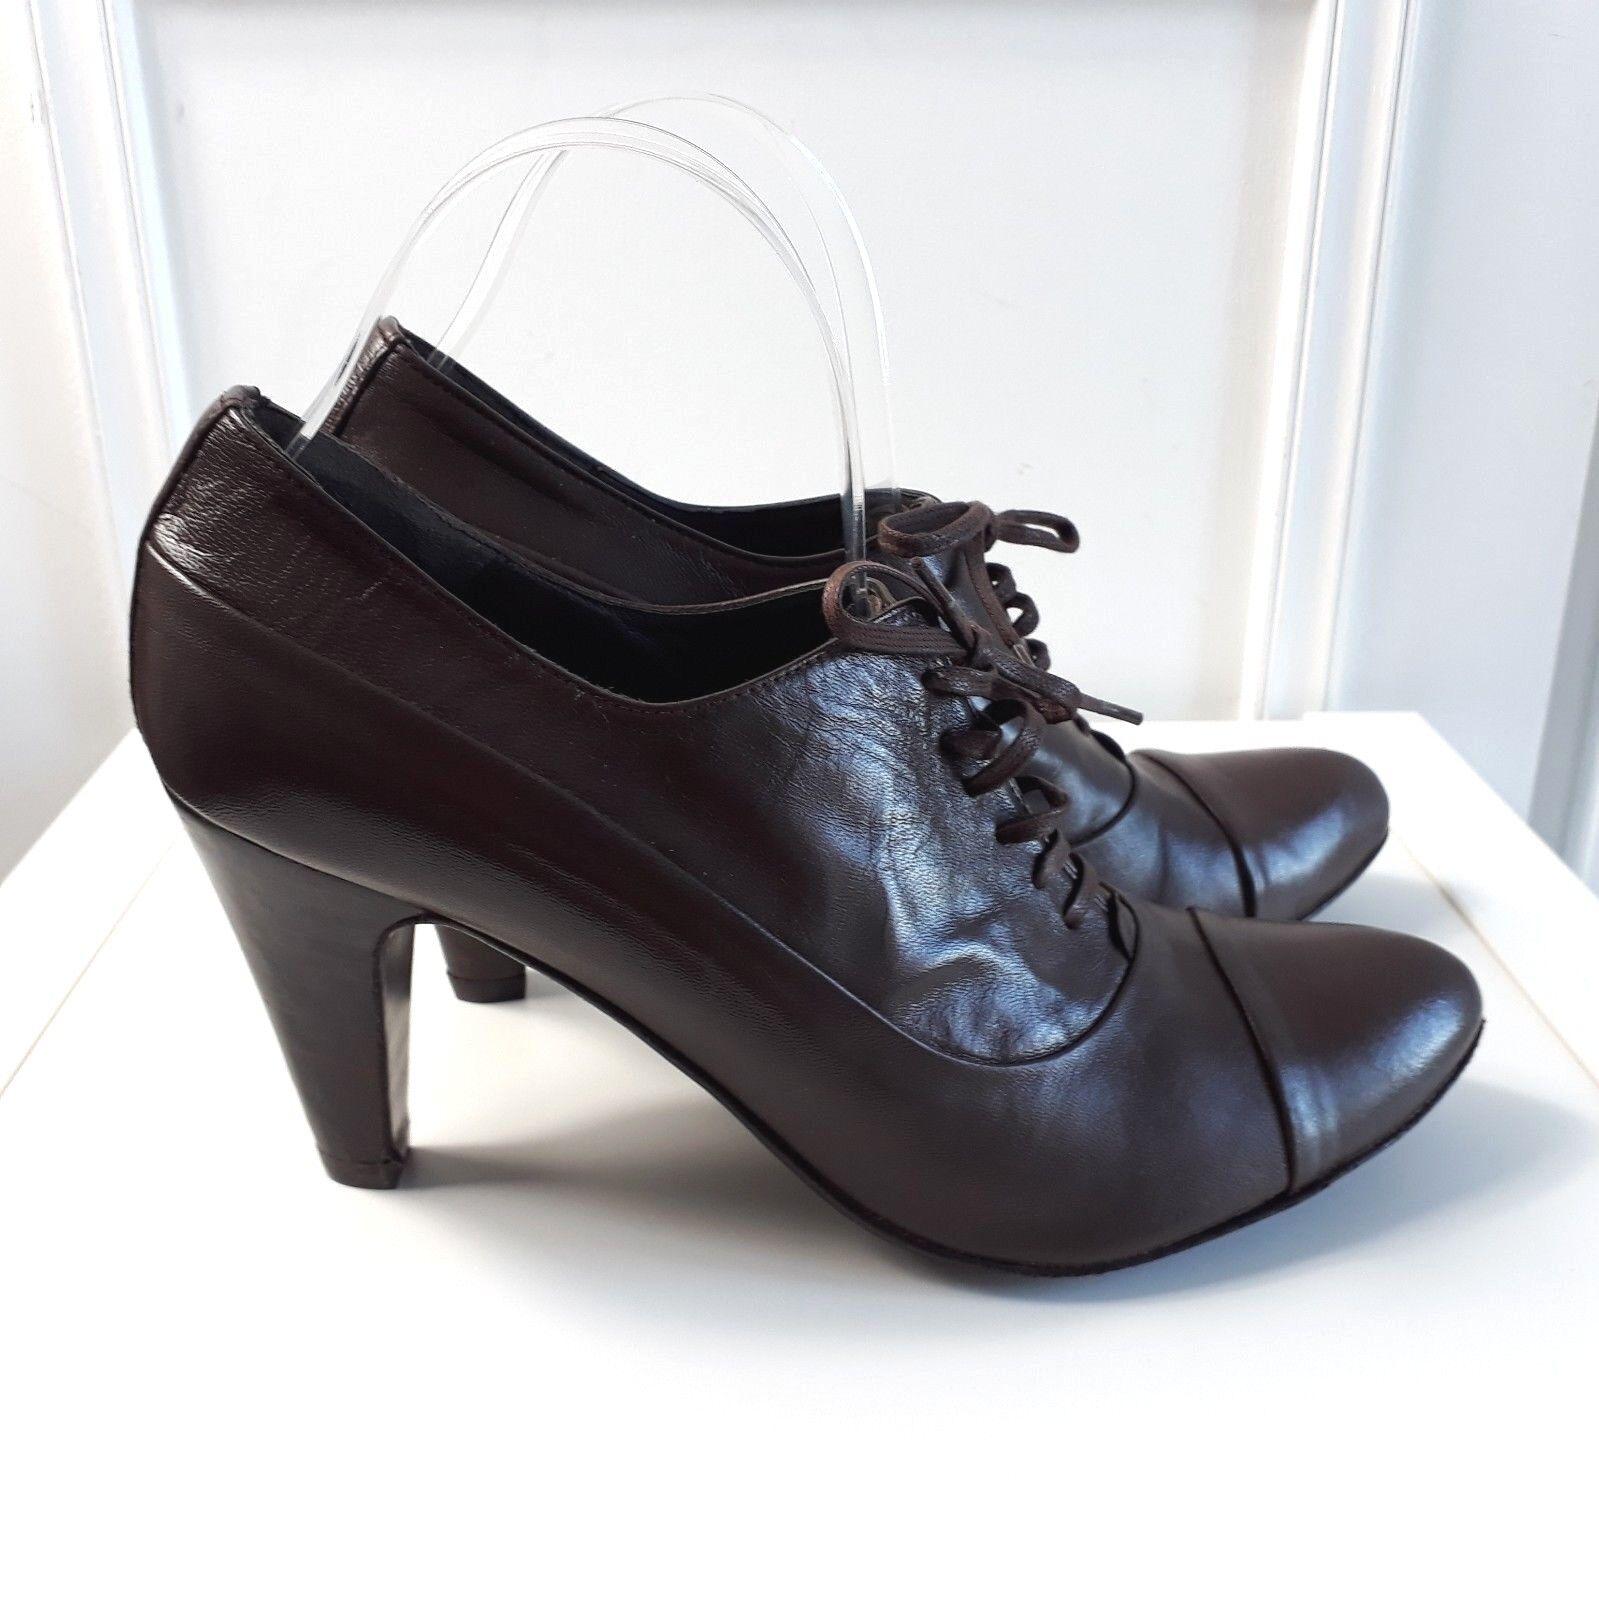 Jones Marrón Cuero Retro Tribunal Tribunal Tribunal Tacones zapatos botas Victoriano abuela Talla 6.5 40  salida